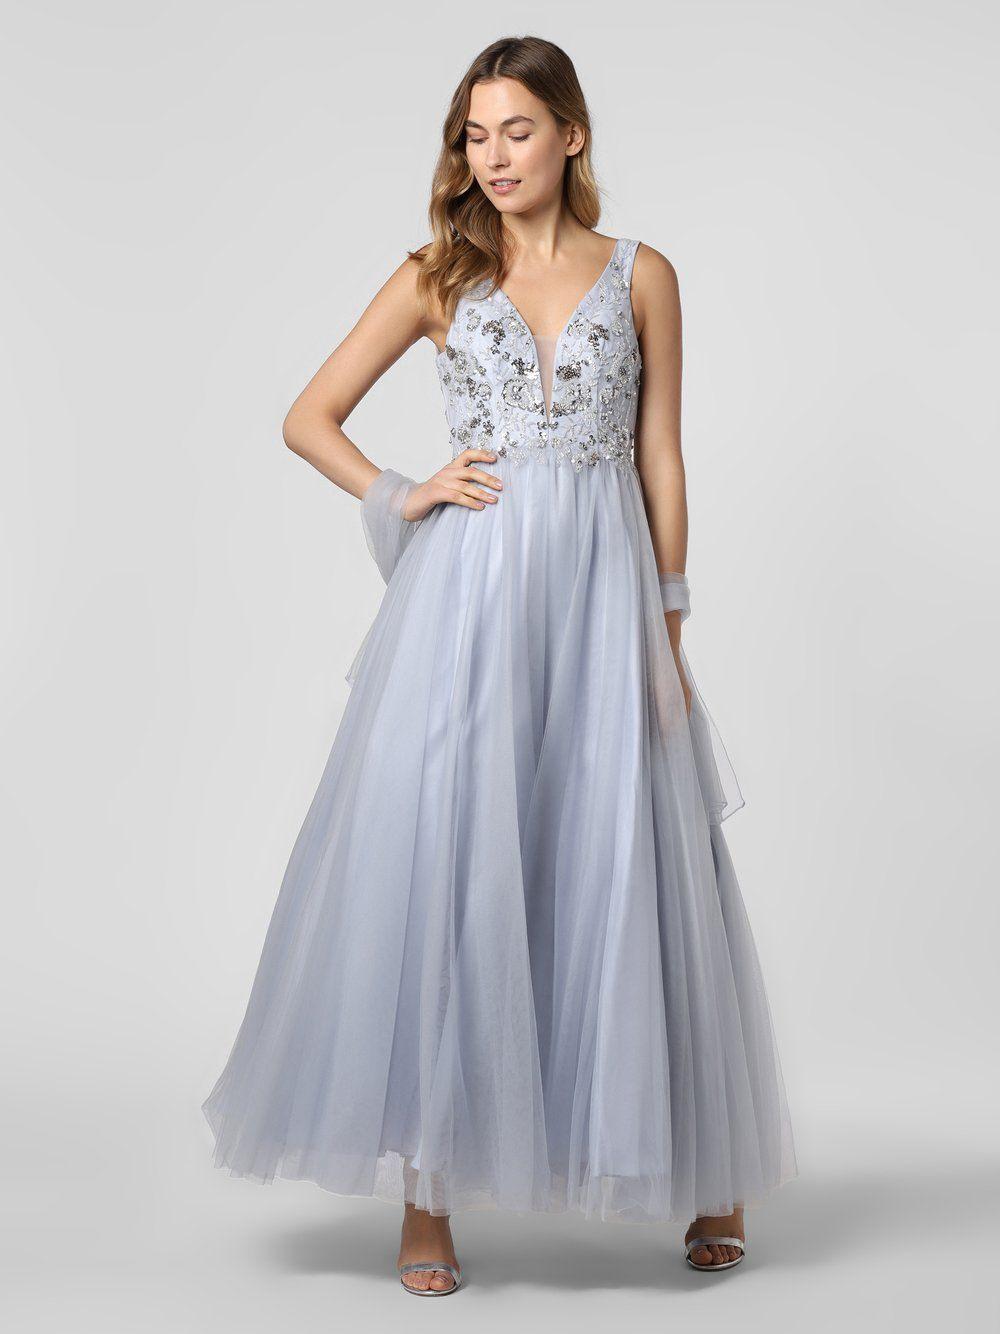 10 Cool Unique Abendkleid Blau DesignDesigner Wunderbar Unique Abendkleid Blau Design